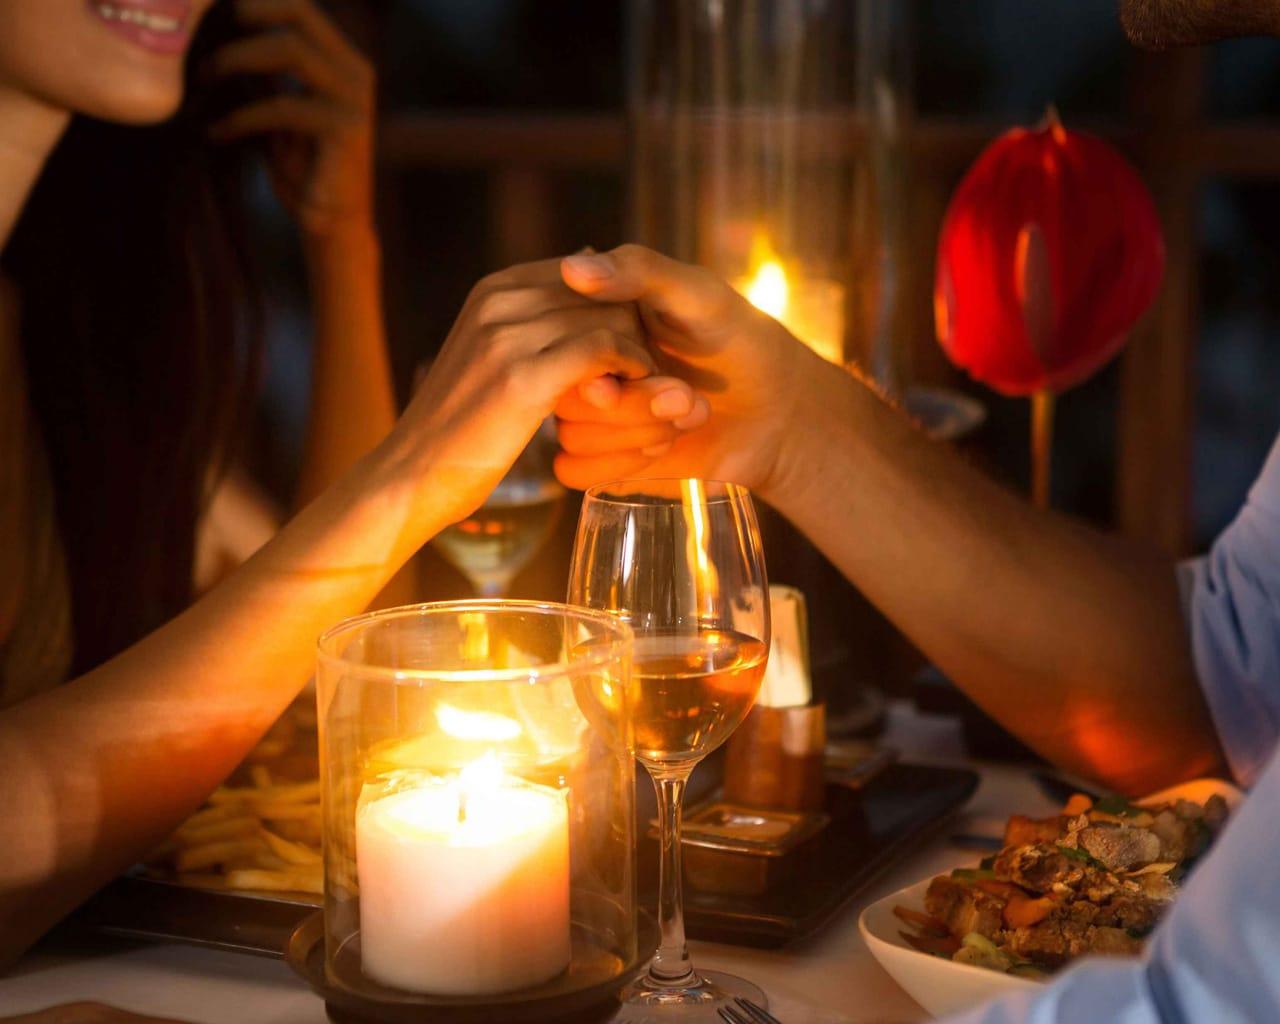 Купить ужин с незнакомцем